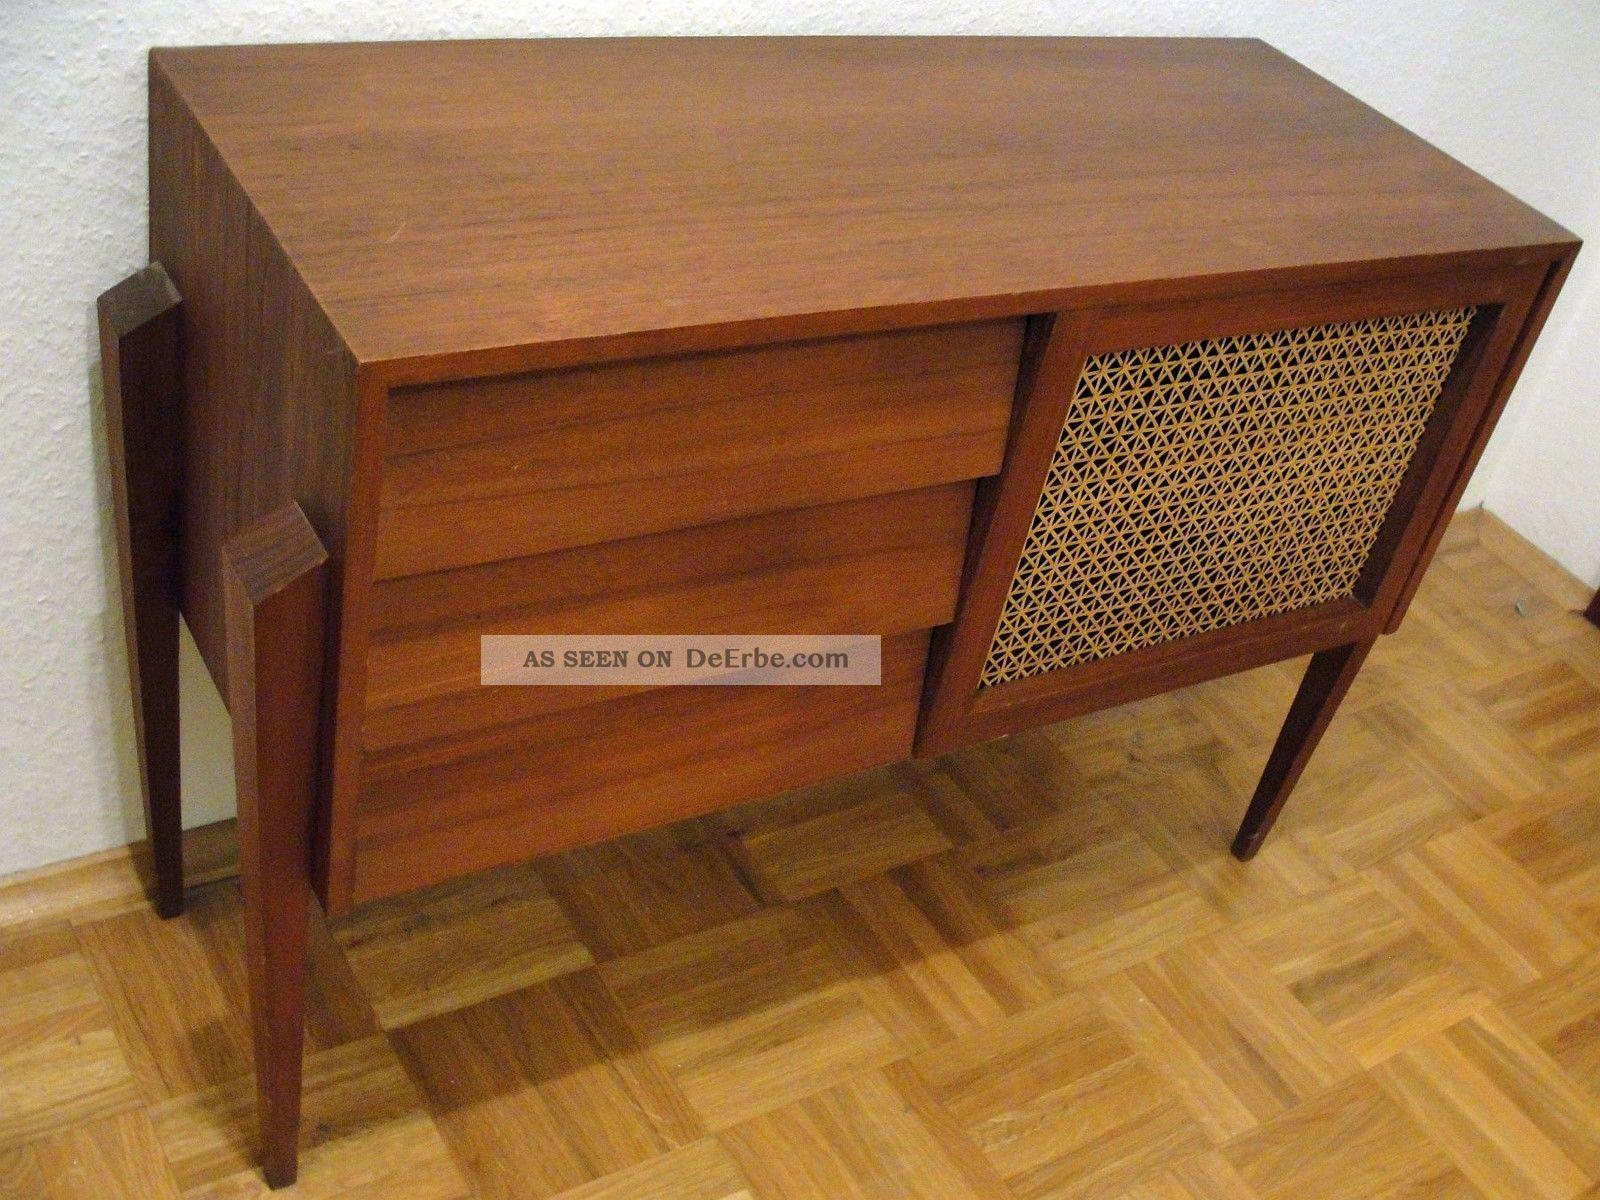 Teak schr nkchen kommode garderobe danish design orig 60er for Garderobe 60er design